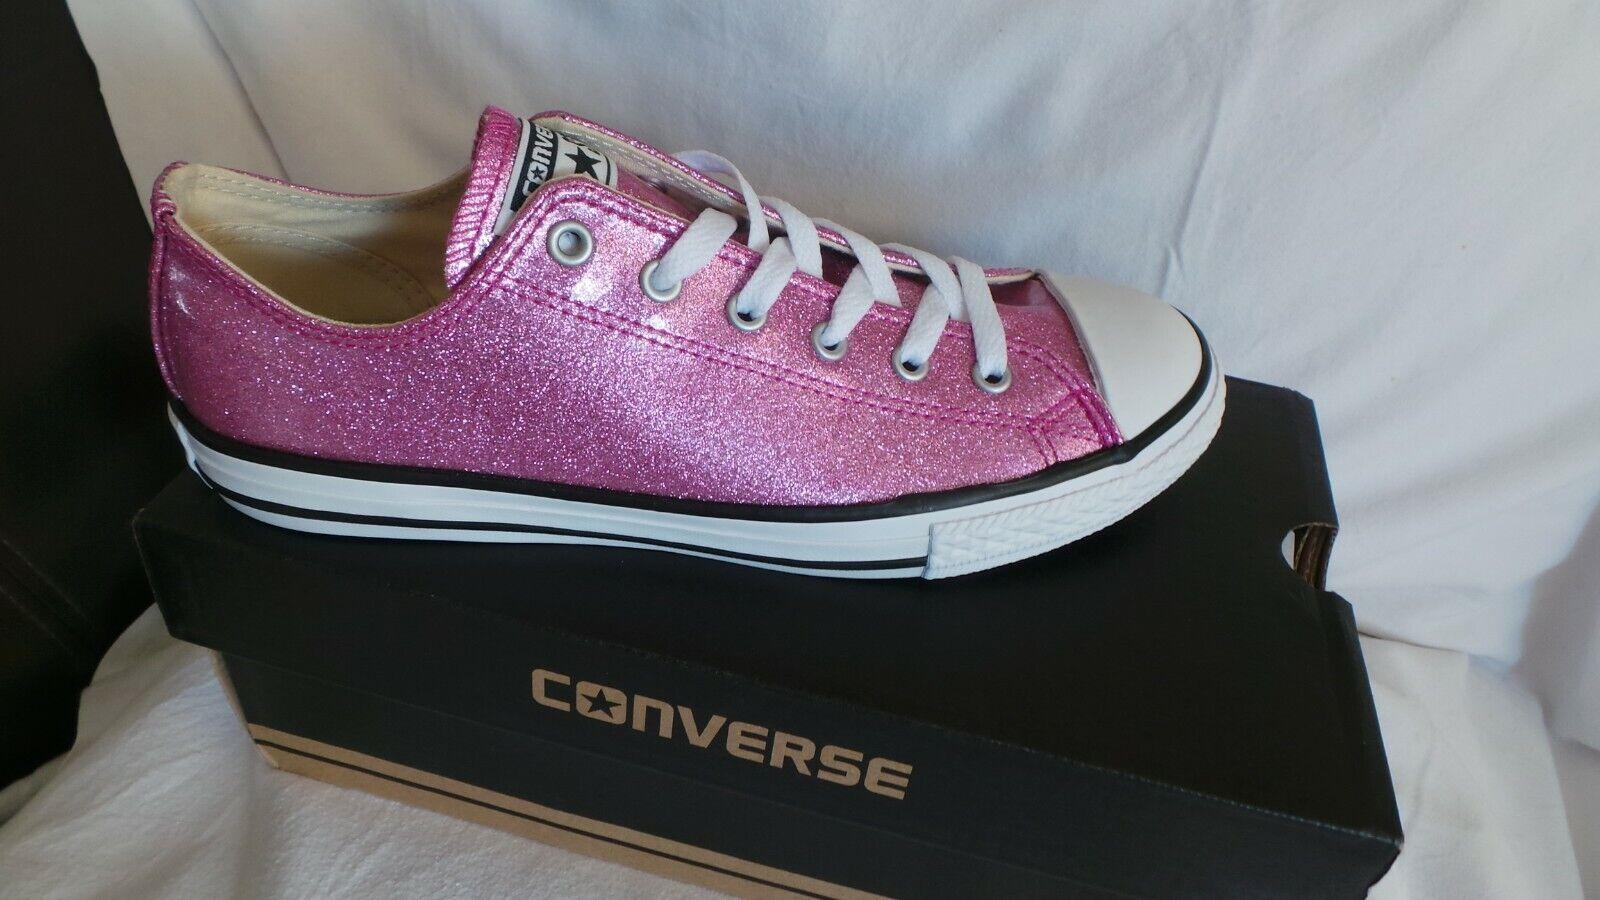 A A A estrenar en caja Brillo rosado Converse All Star Ox Tenis De Entrenamiento Talla 5 EU 38  compra limitada